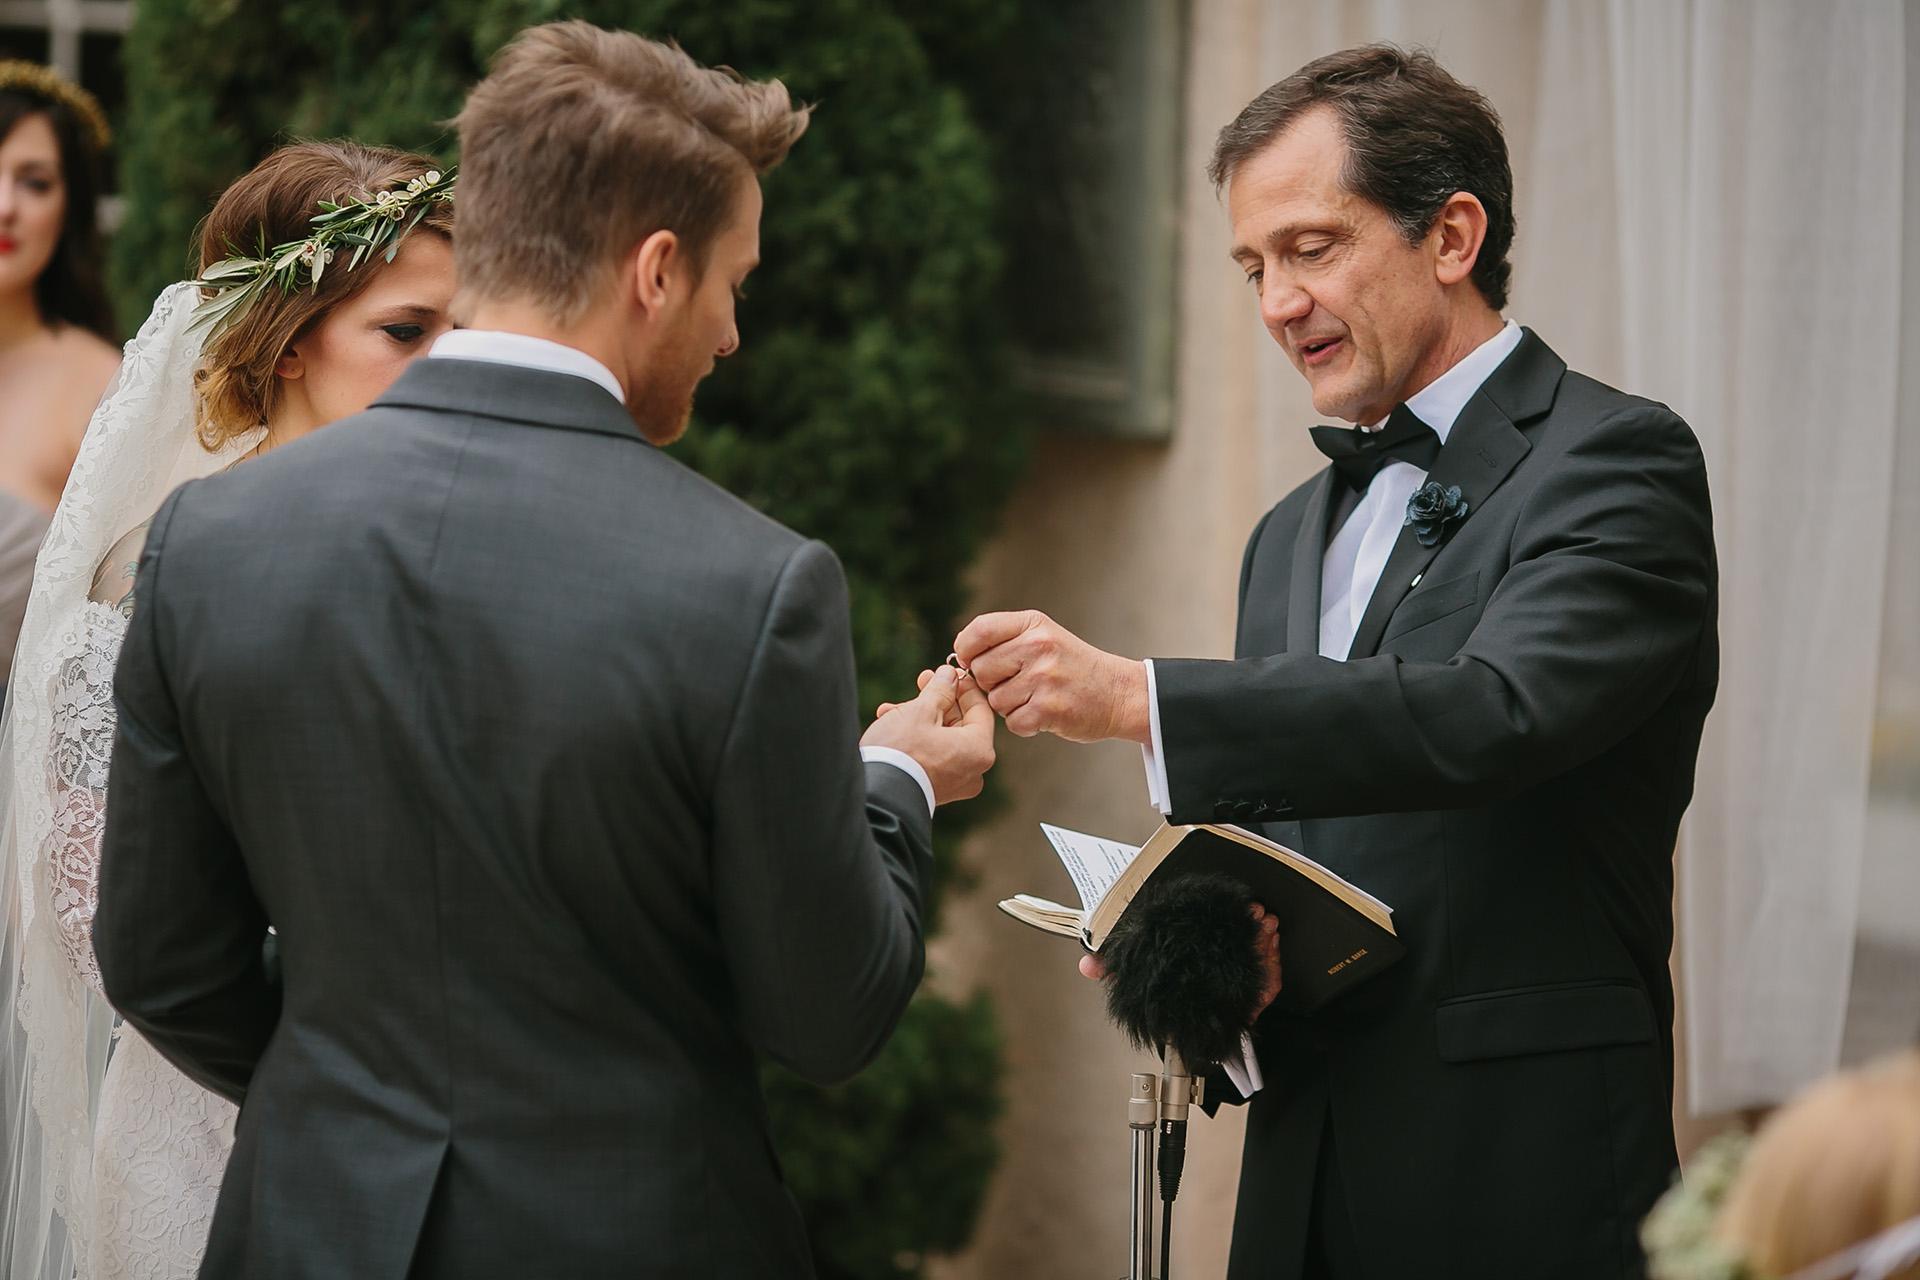 pastor handing rings